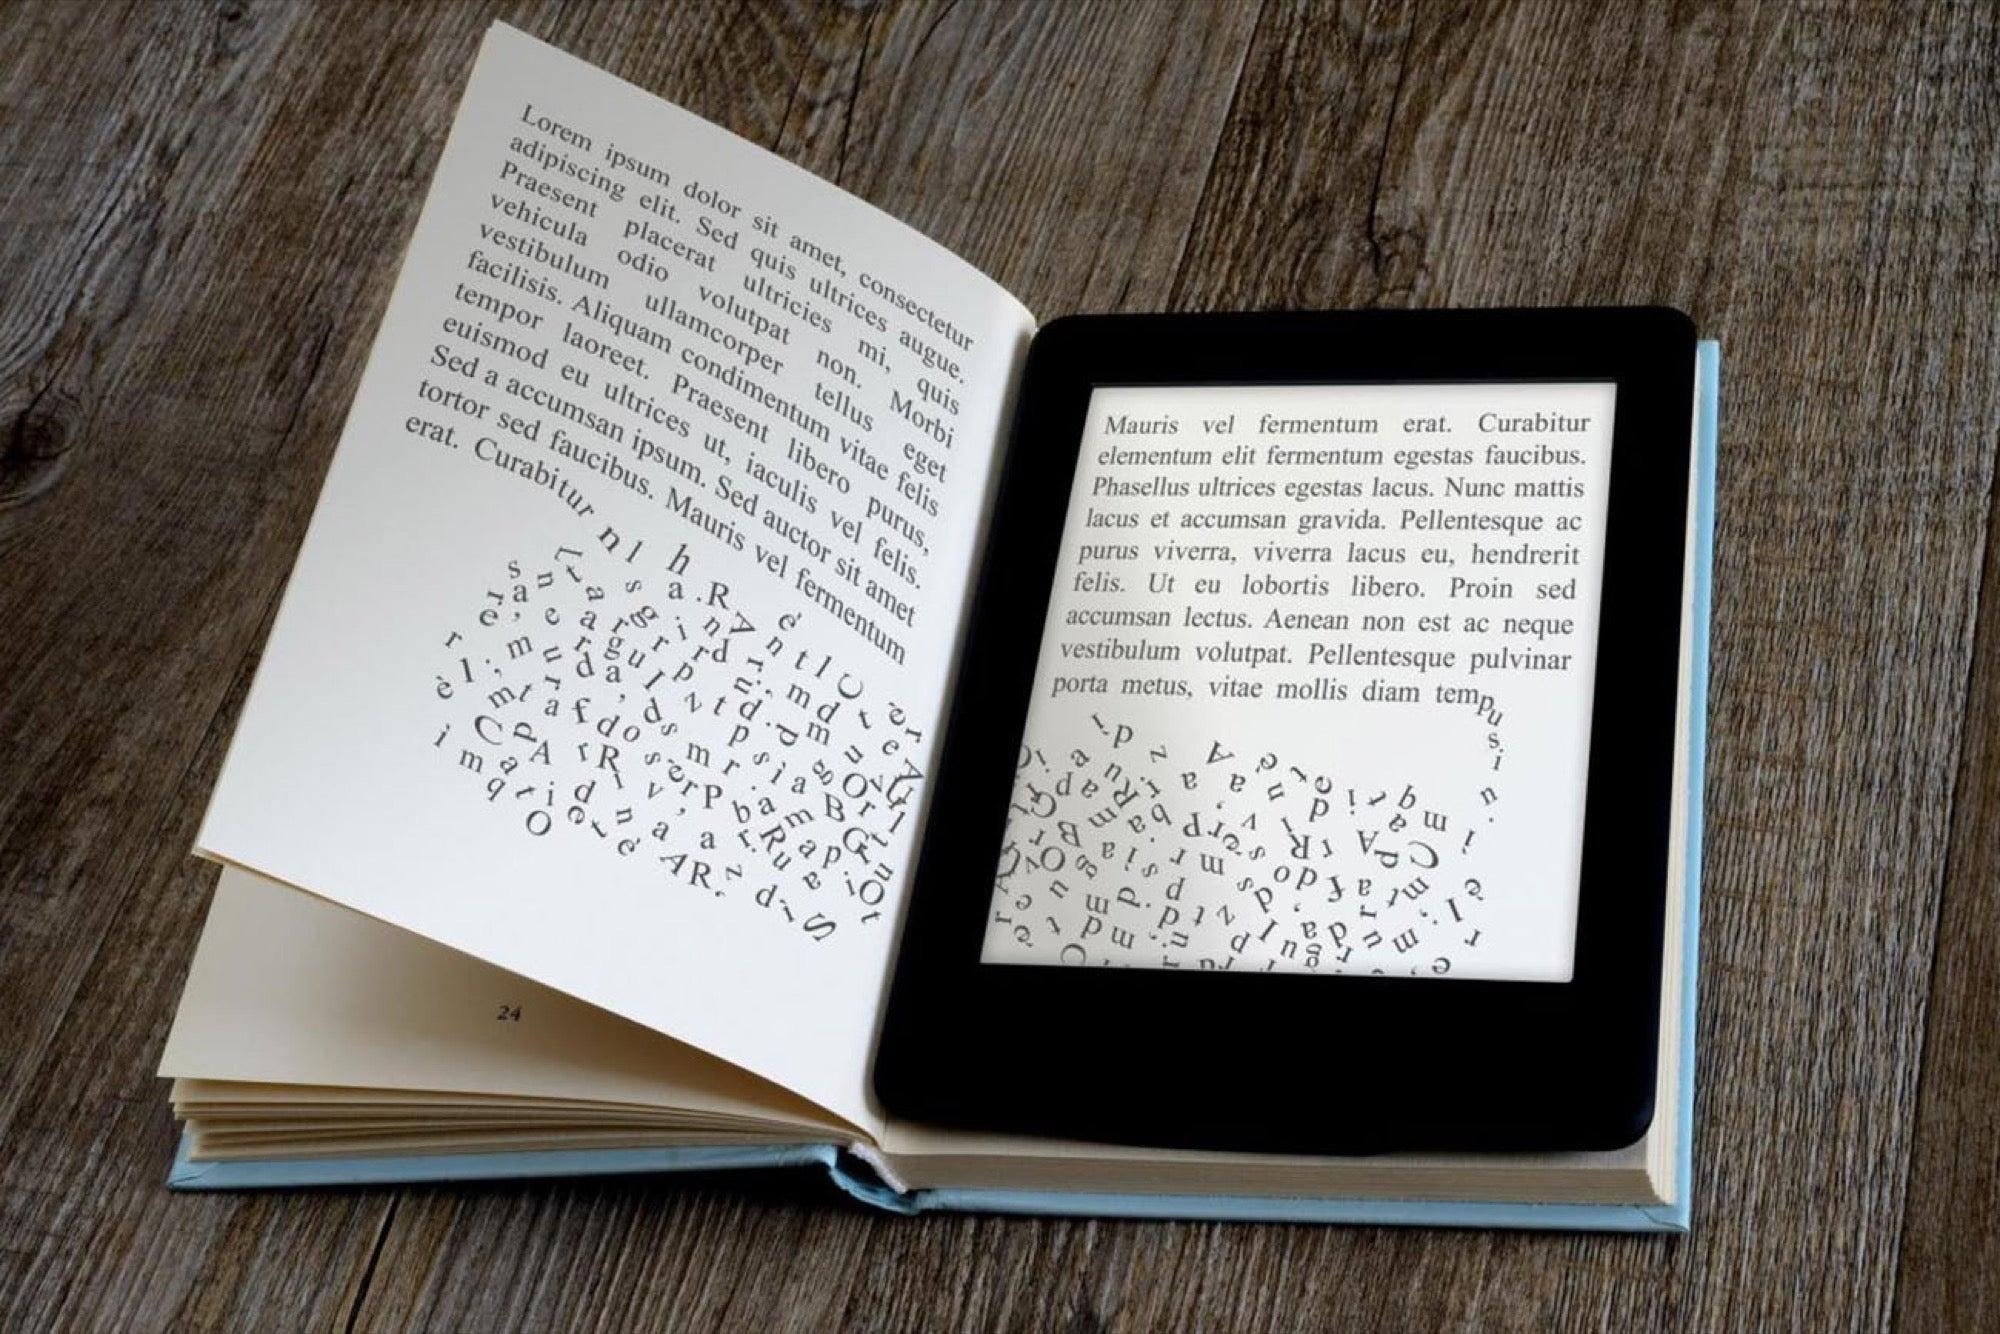 ebook der einsame baum die zweite chronik von thomas covenant dem zweifler